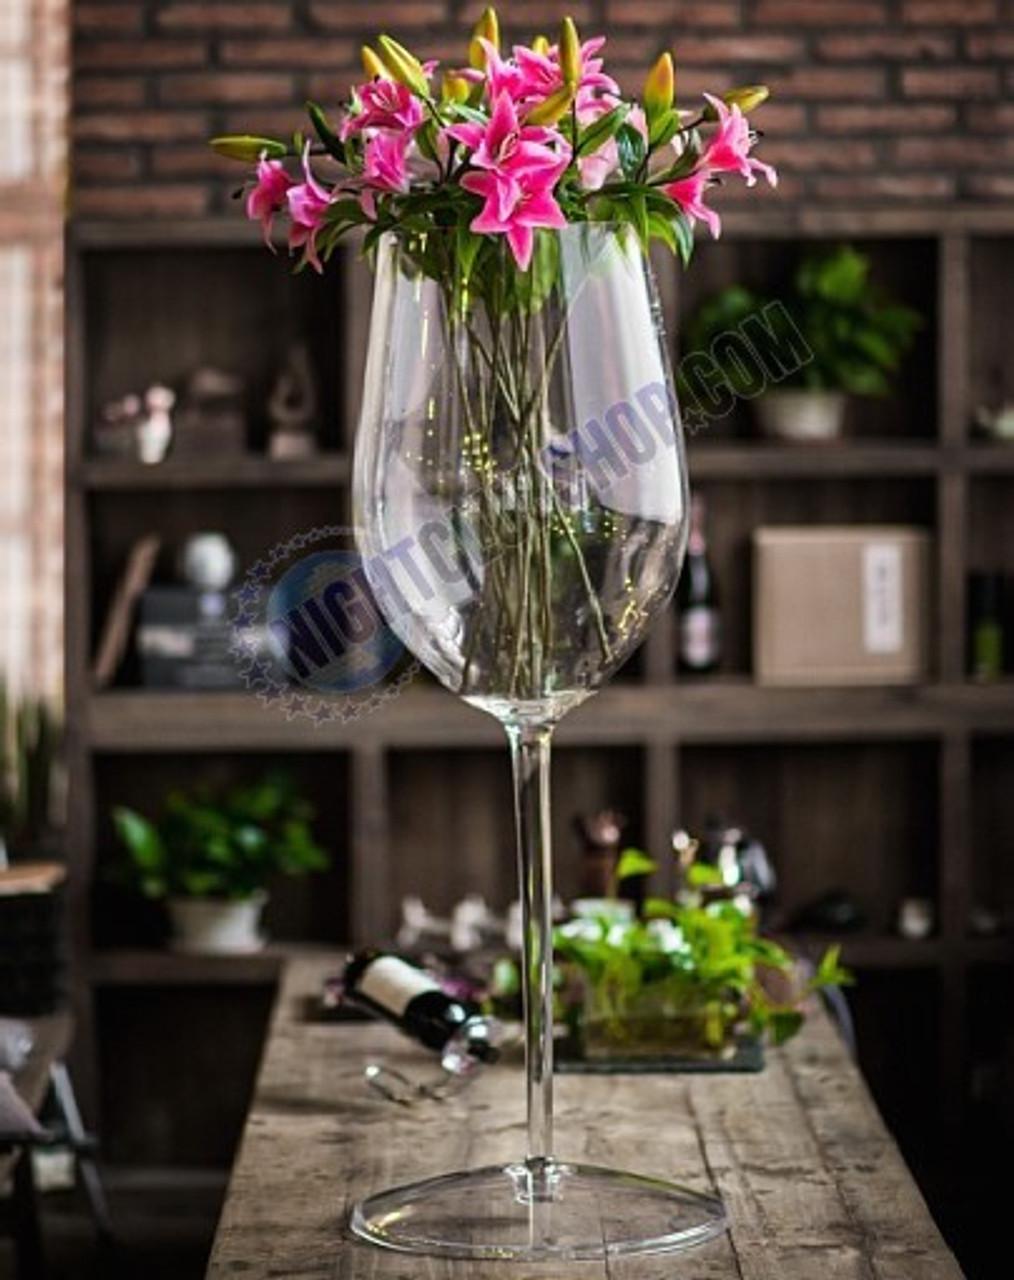 Jumbo, White, Wine, Cup, LED, Wedding, Decorations, flowers, Bar, Lounge, Casino, Celebration, Sparkling, Wine